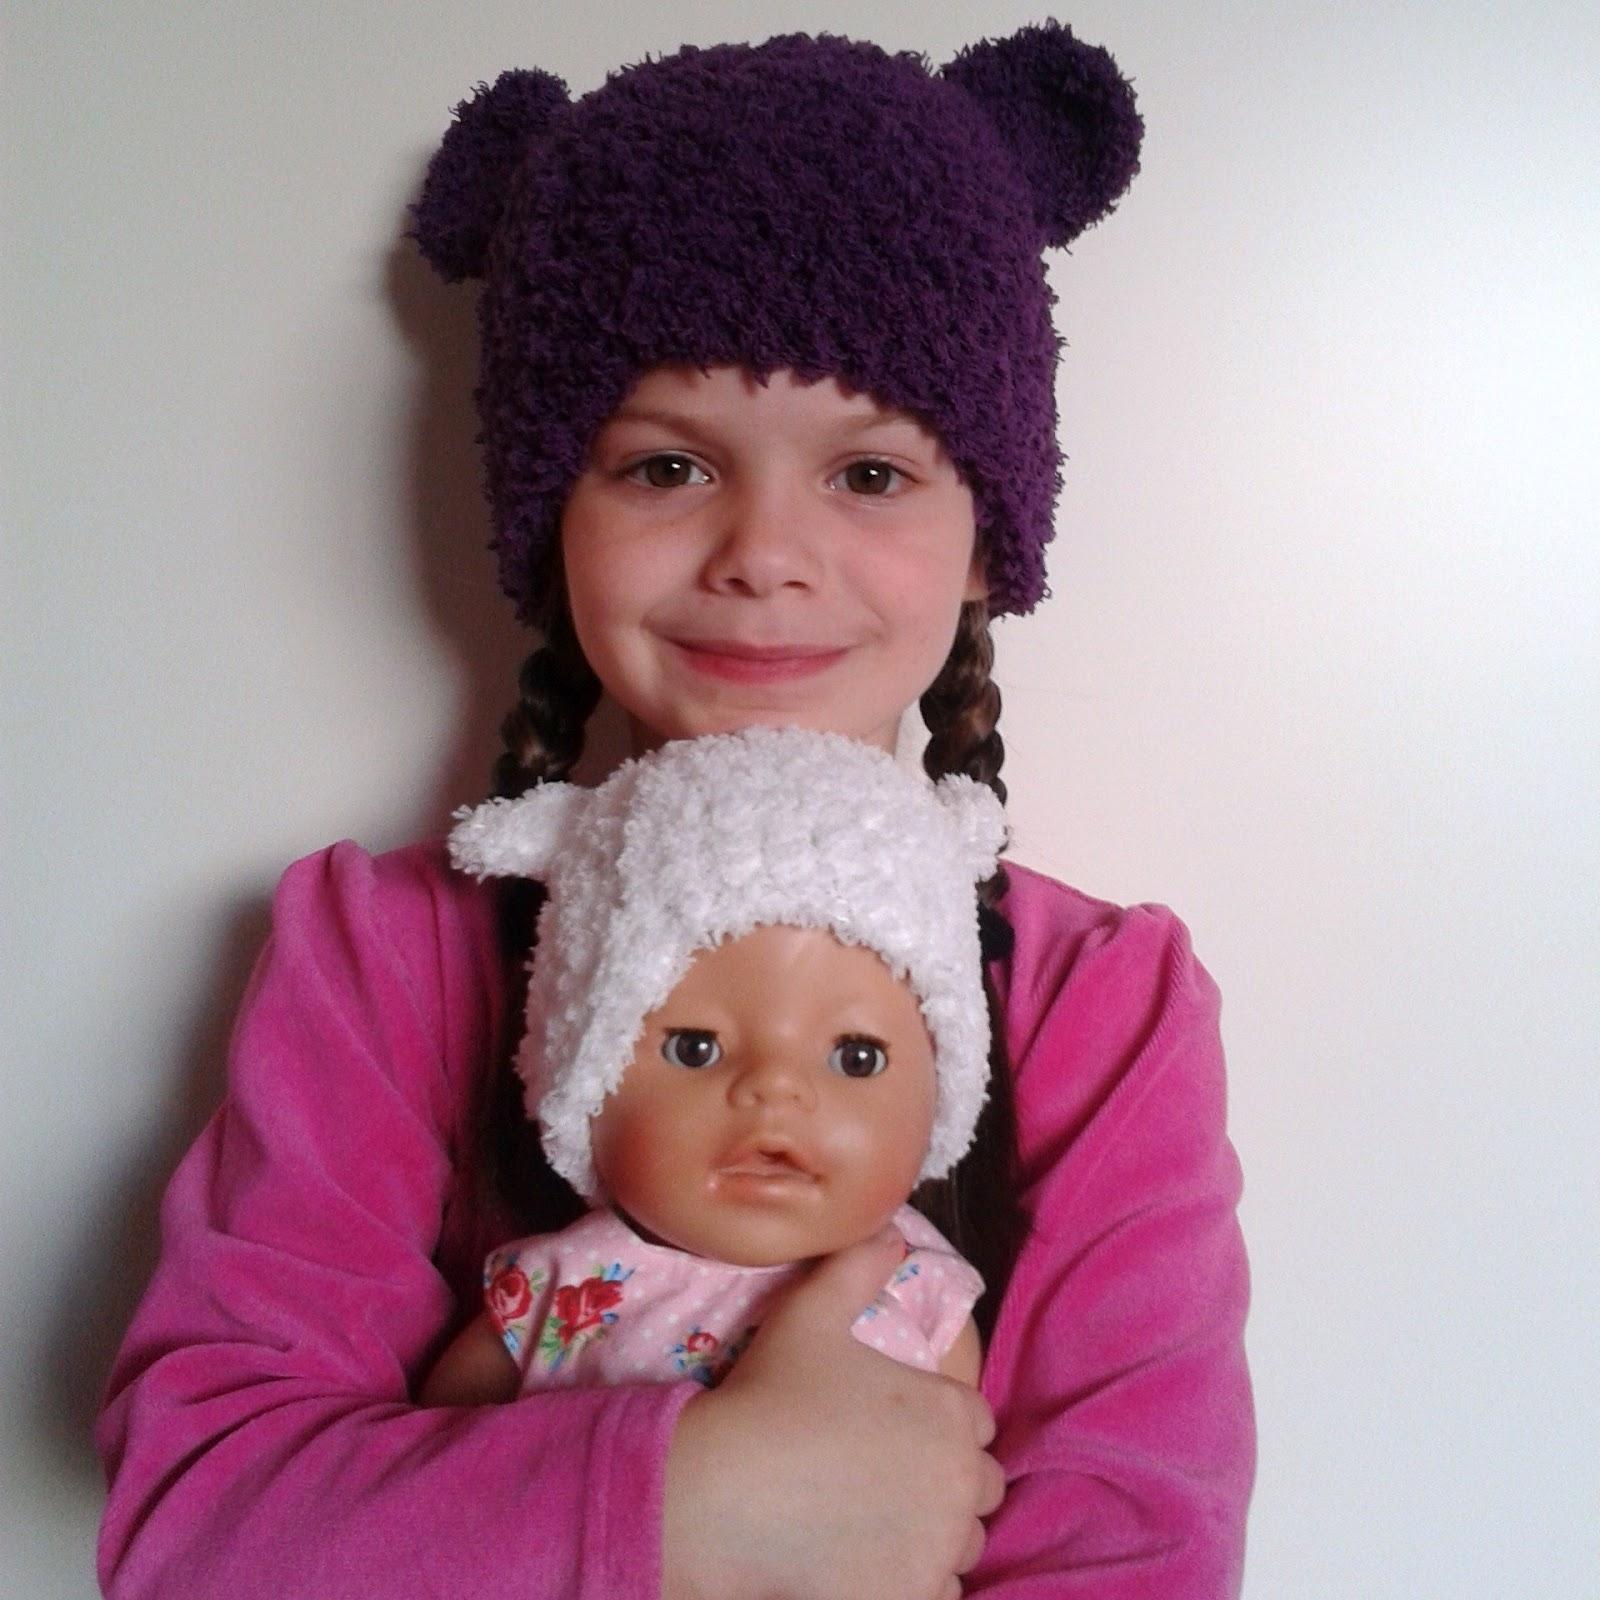 A La Sascha Baby Tot Tiener Beren Muts Met Haakpatroon